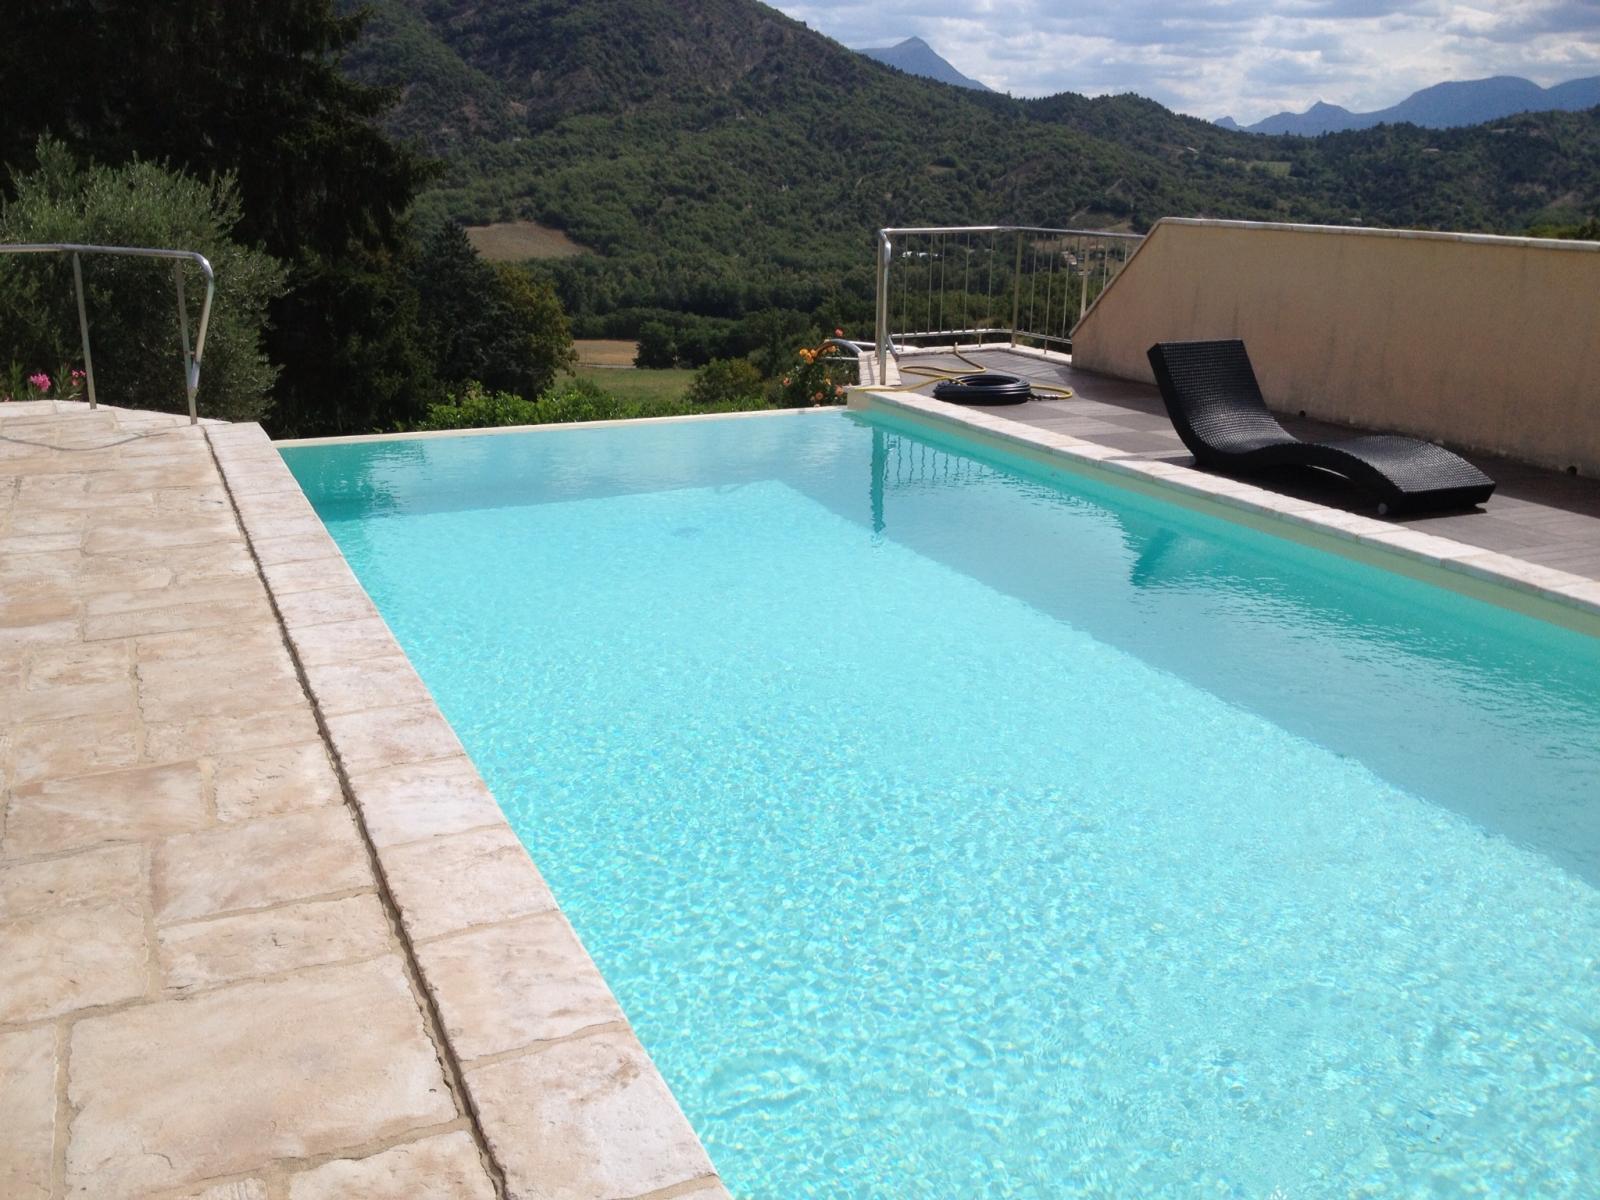 Aquapro : Installation Et Matériel De Piscine Manosque 04100 ... intérieur Cash Piscine Manosque